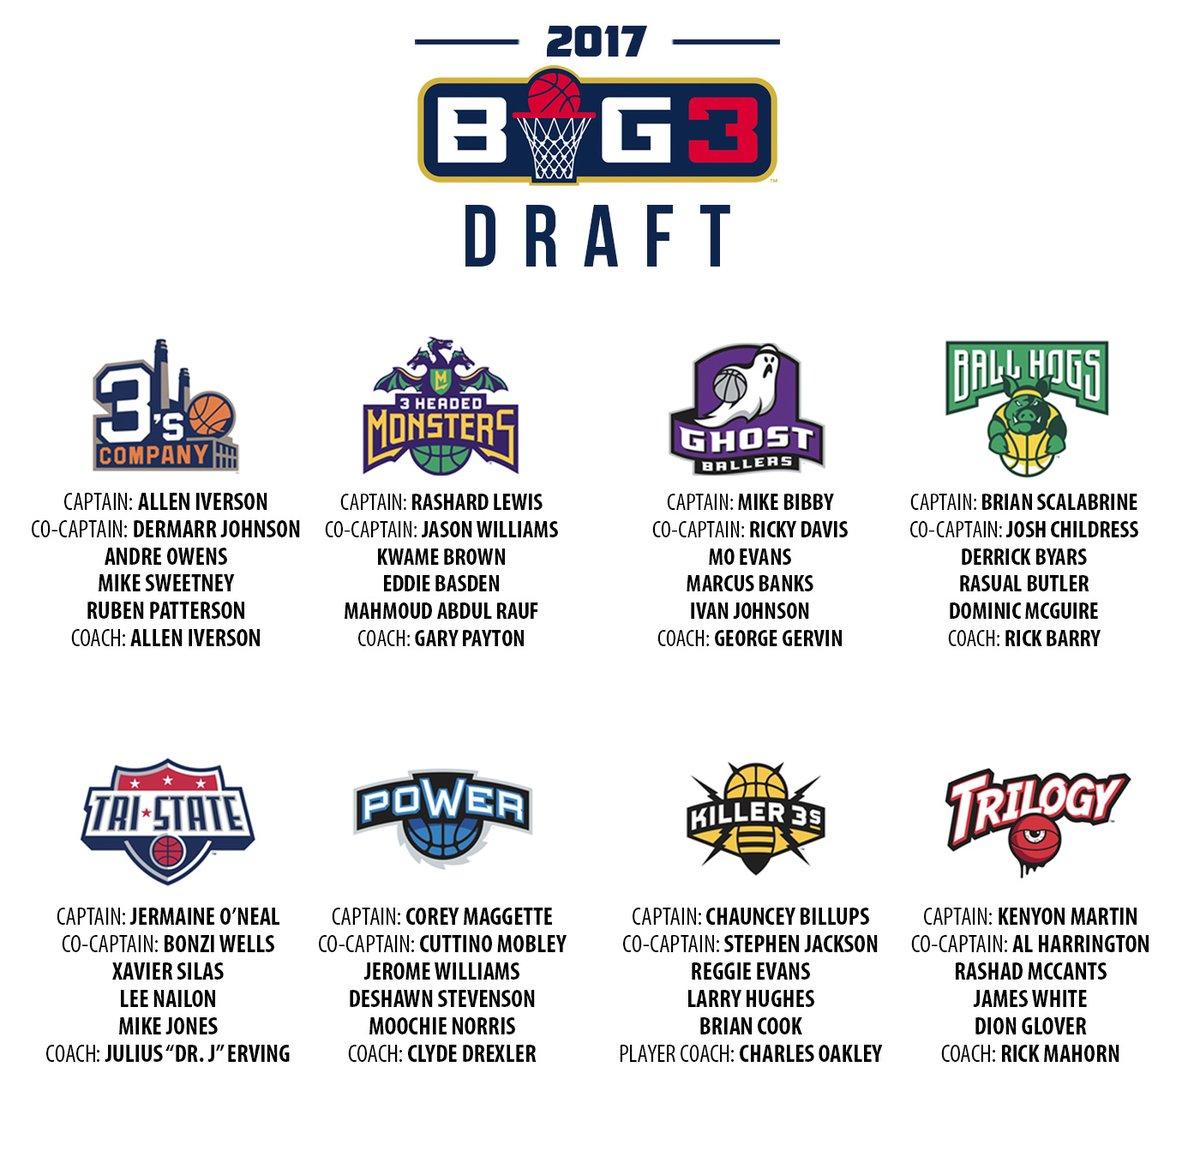 Se llevó a cabo el Draft de la liga BIG3